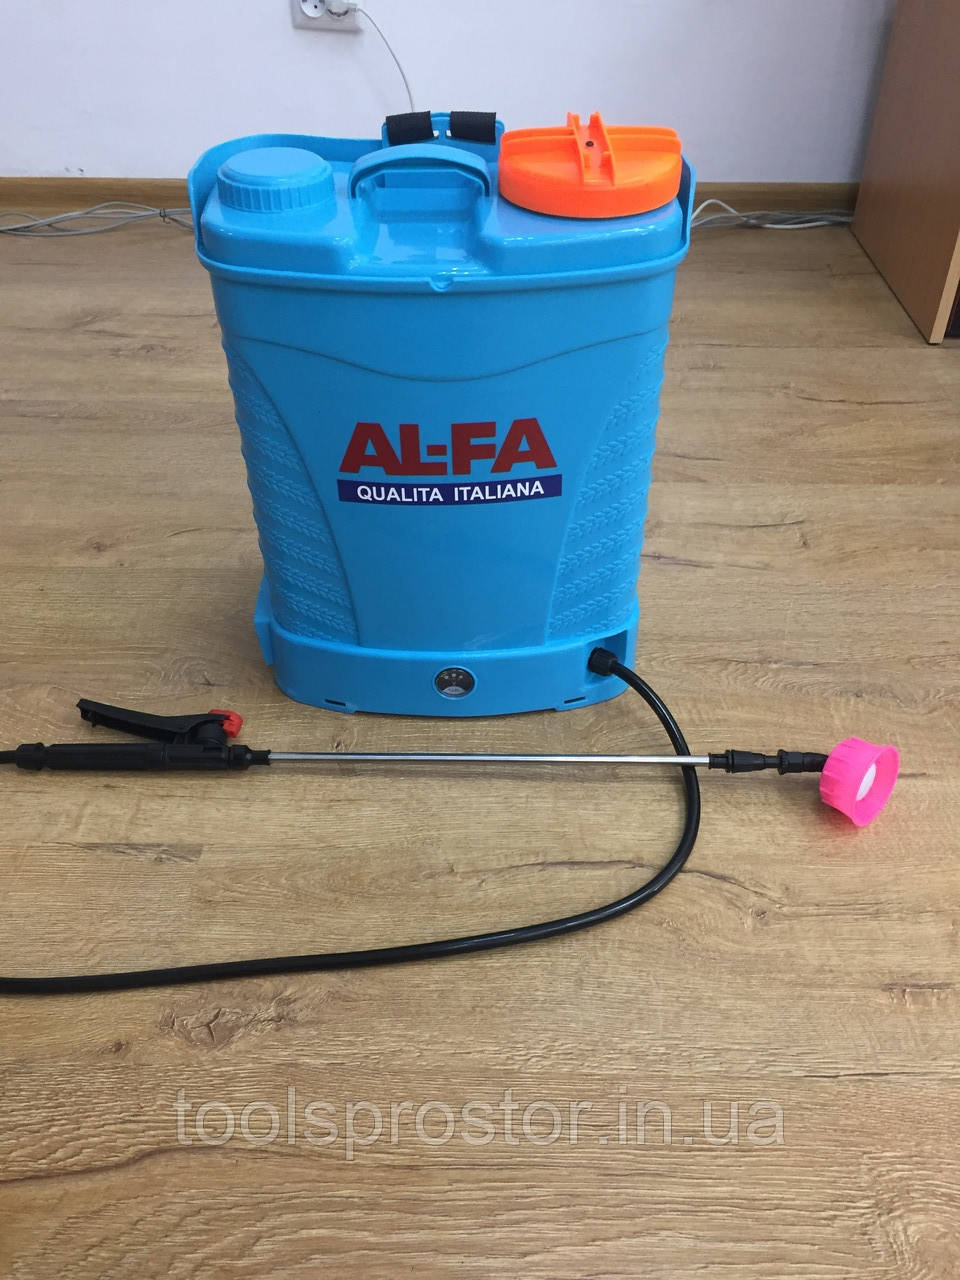 Аккумуляторный Опрыскиватель AL-FA AES16L : 16 (л) бак | 12 (А·ч) аккумулятор | Гарантия 1 год - Tools Prostor в Львове